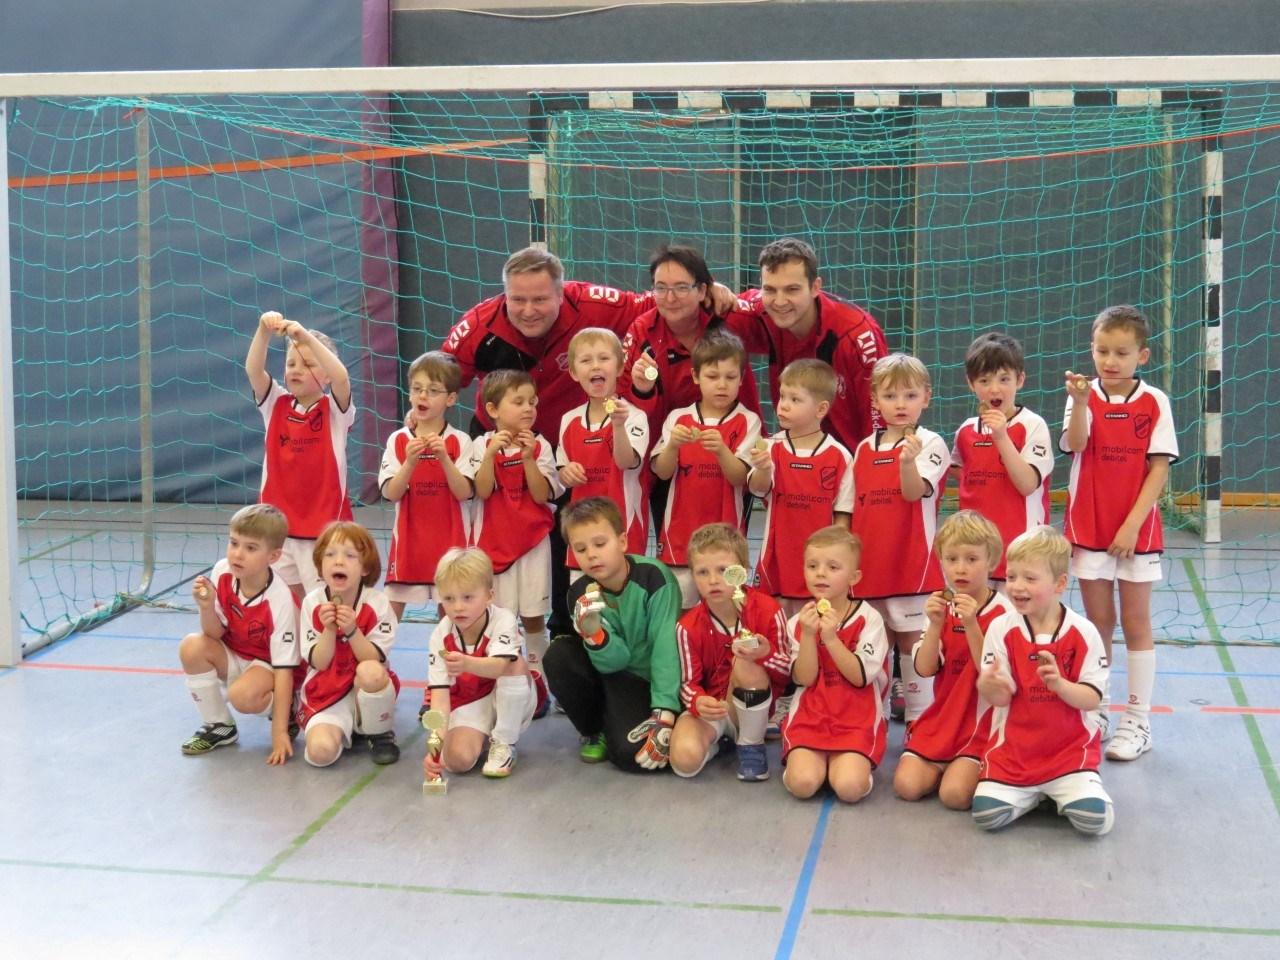 2015-01-17 Fussball Kolkwitz Mann 119